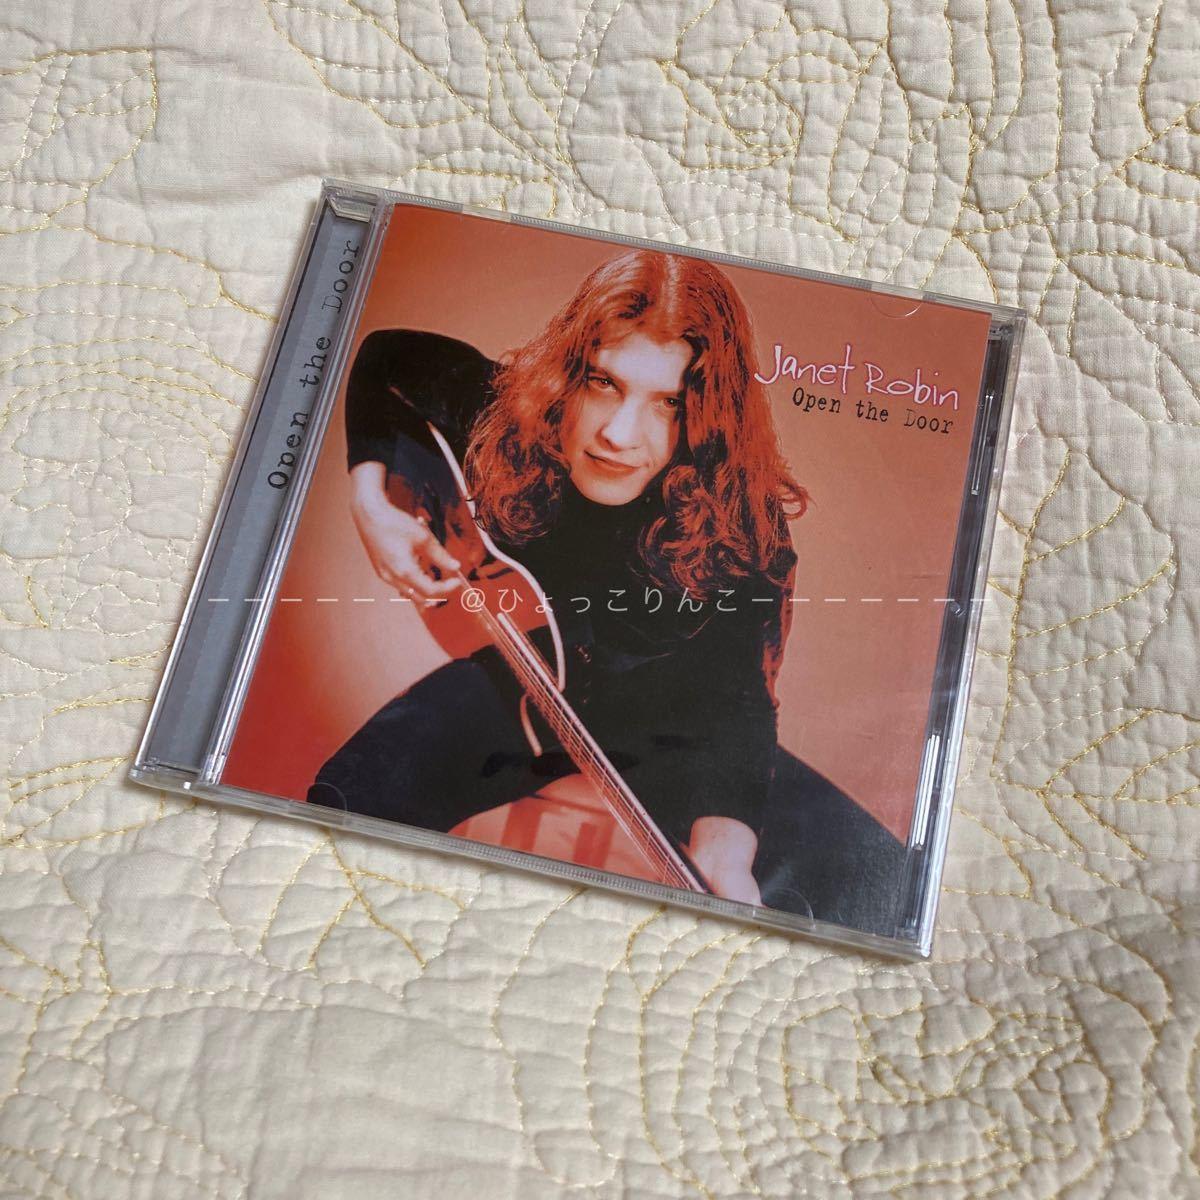 CD Janet Robin/Open the Door